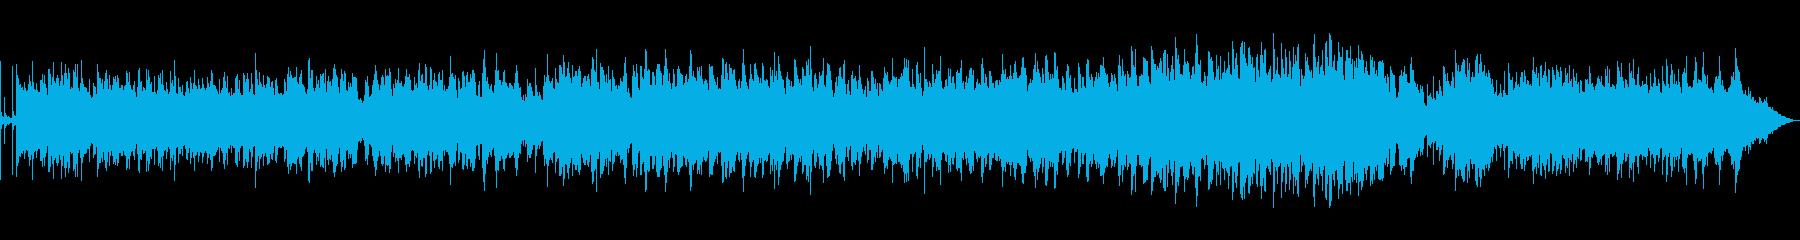 エンディングでなれる様なミディアムポップの再生済みの波形